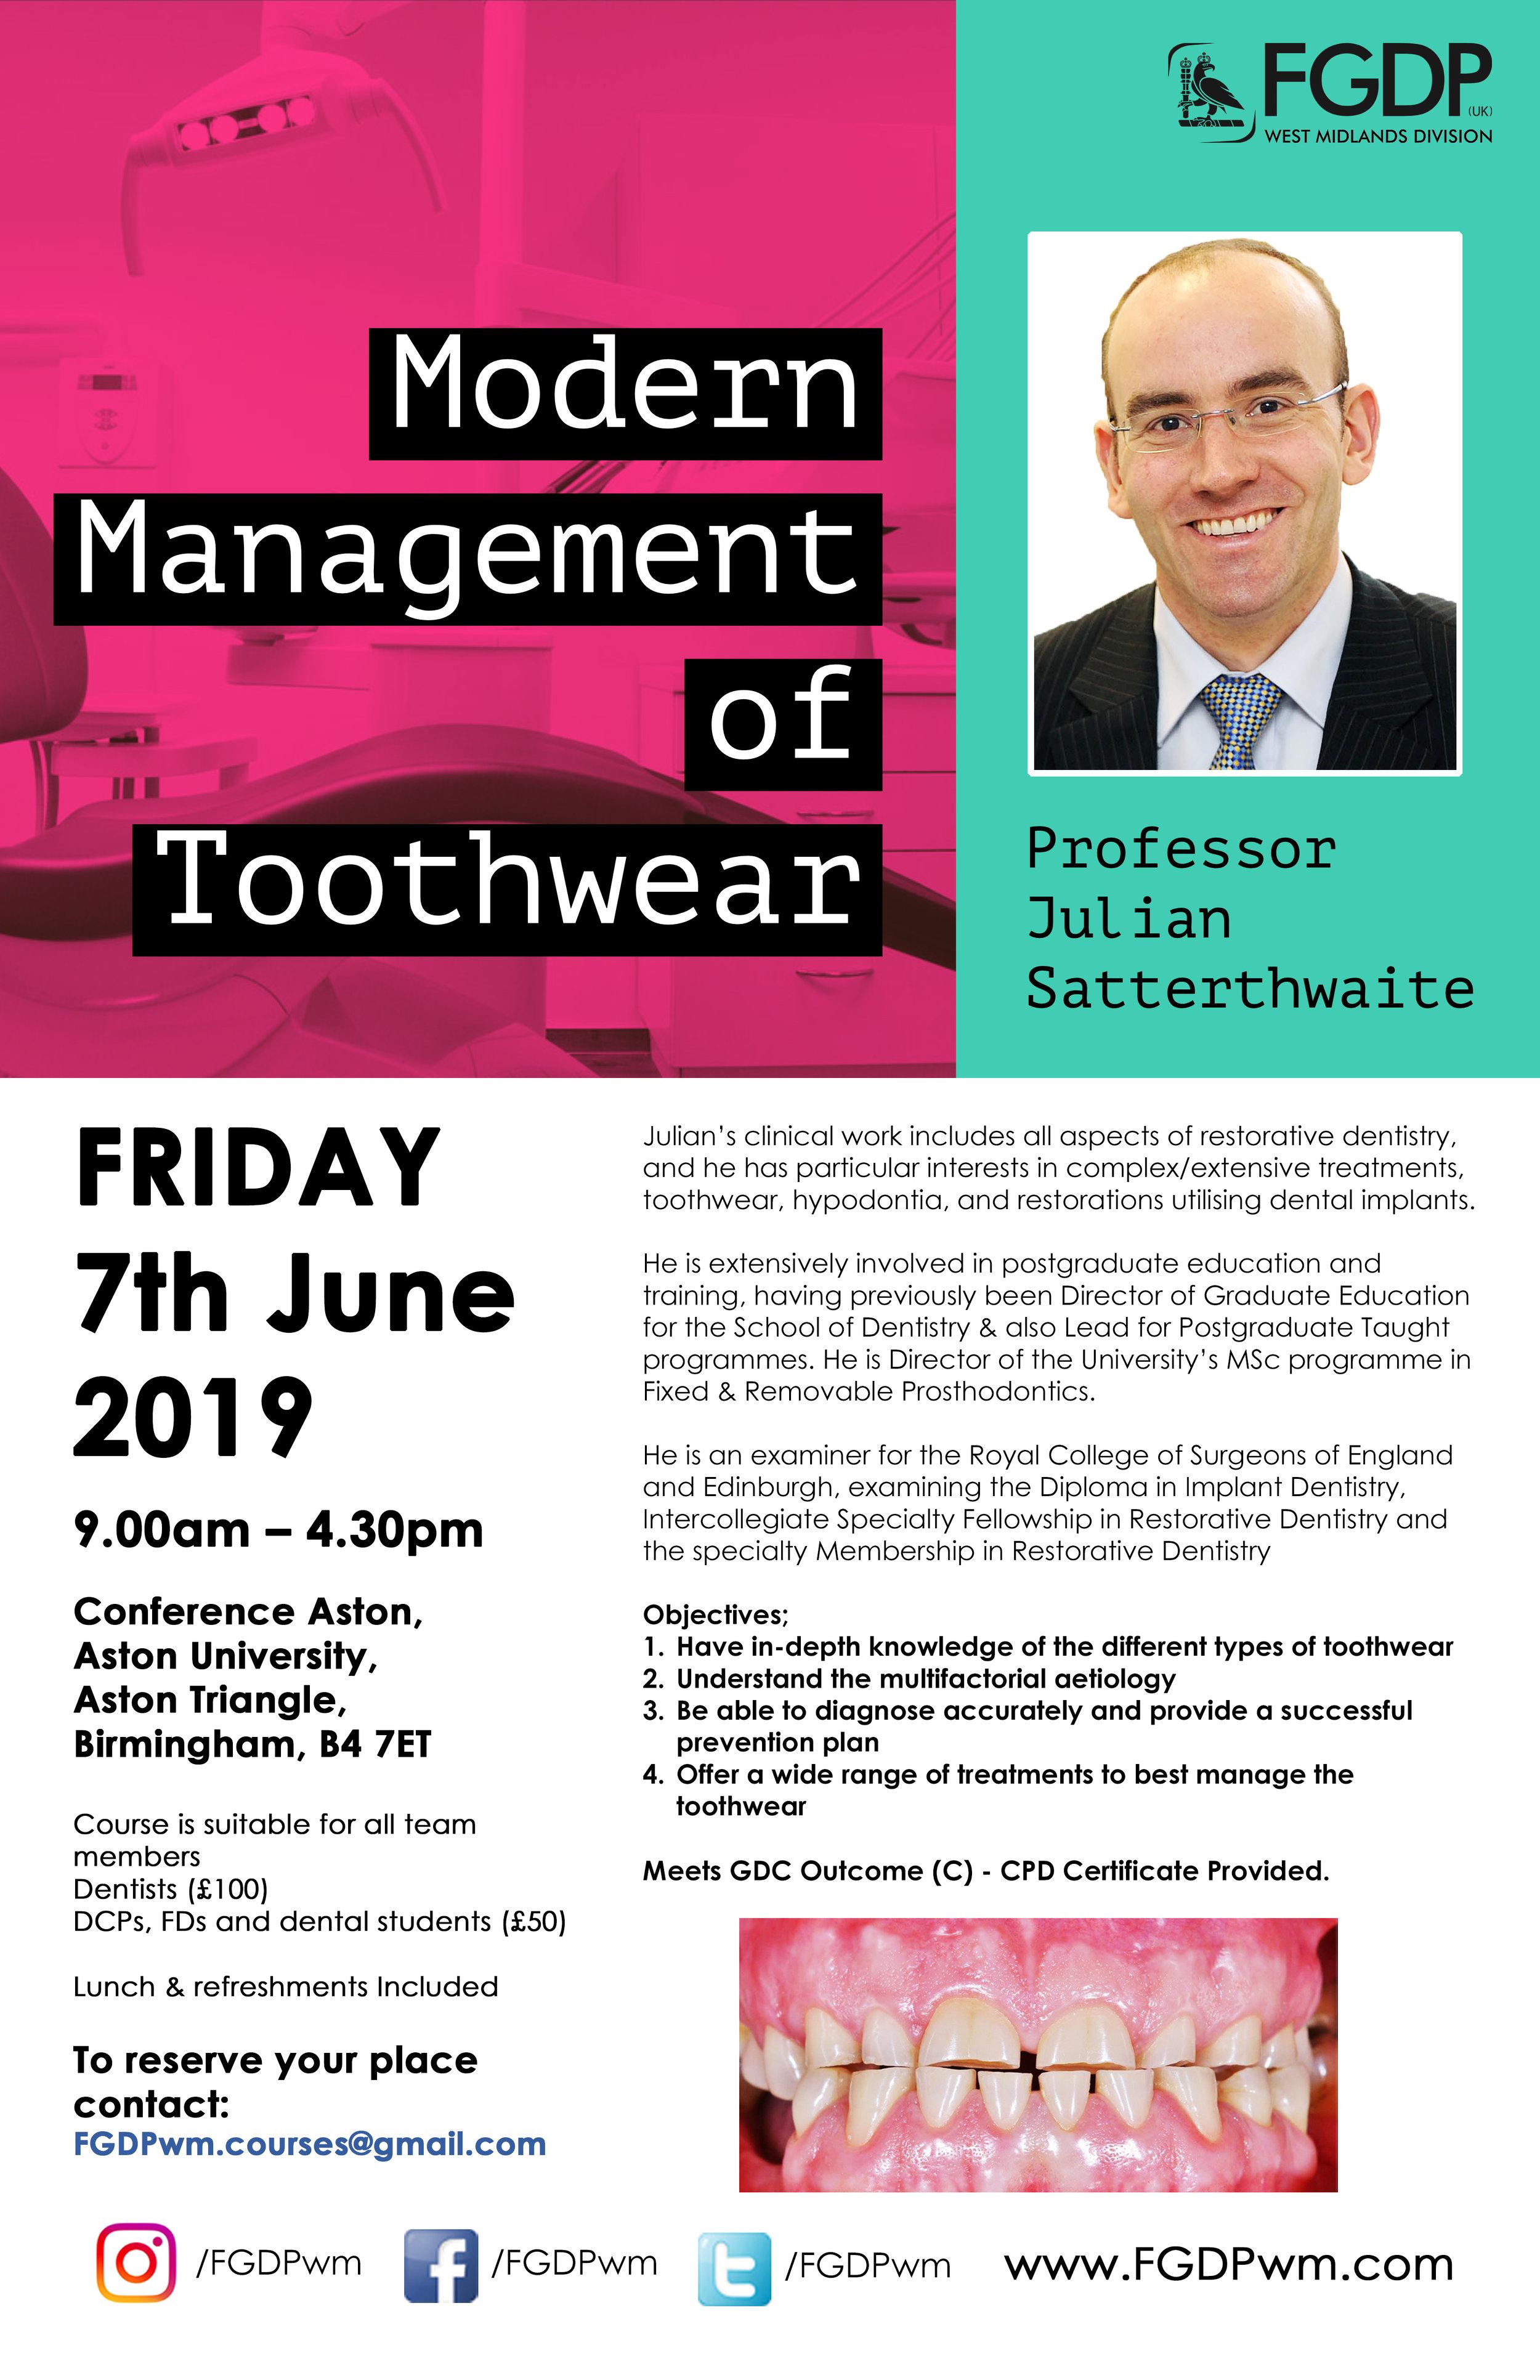 Modern Management of Toothwear v3.jpg